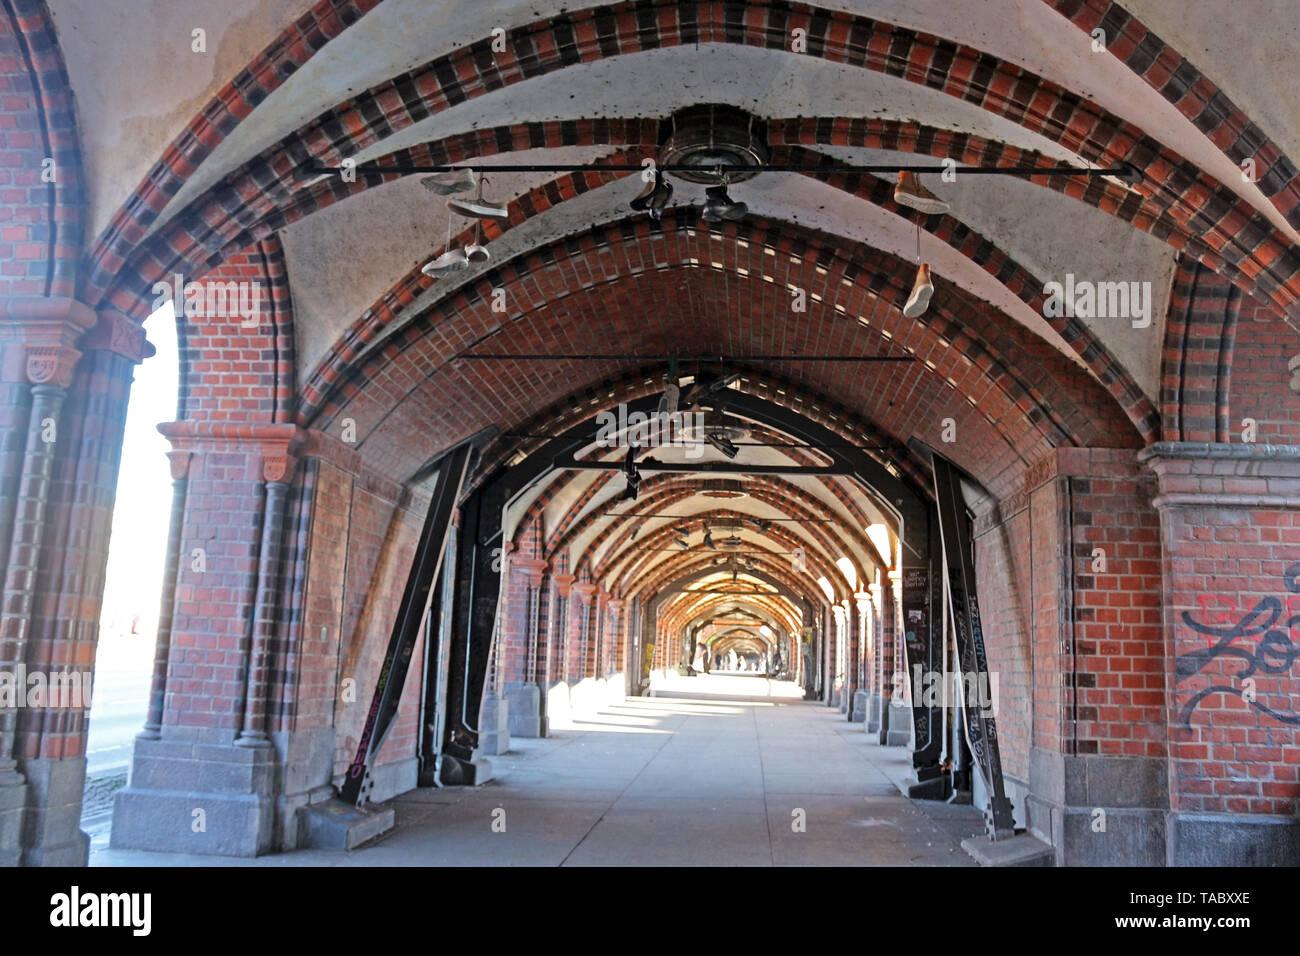 Die oberbaumbrücke Berlin ist sehr cool und inspirierende Stadt. Seine Mischung aus Geschichte, Kunst, Ausdruck, Kreativität und Modernität. Stockfoto